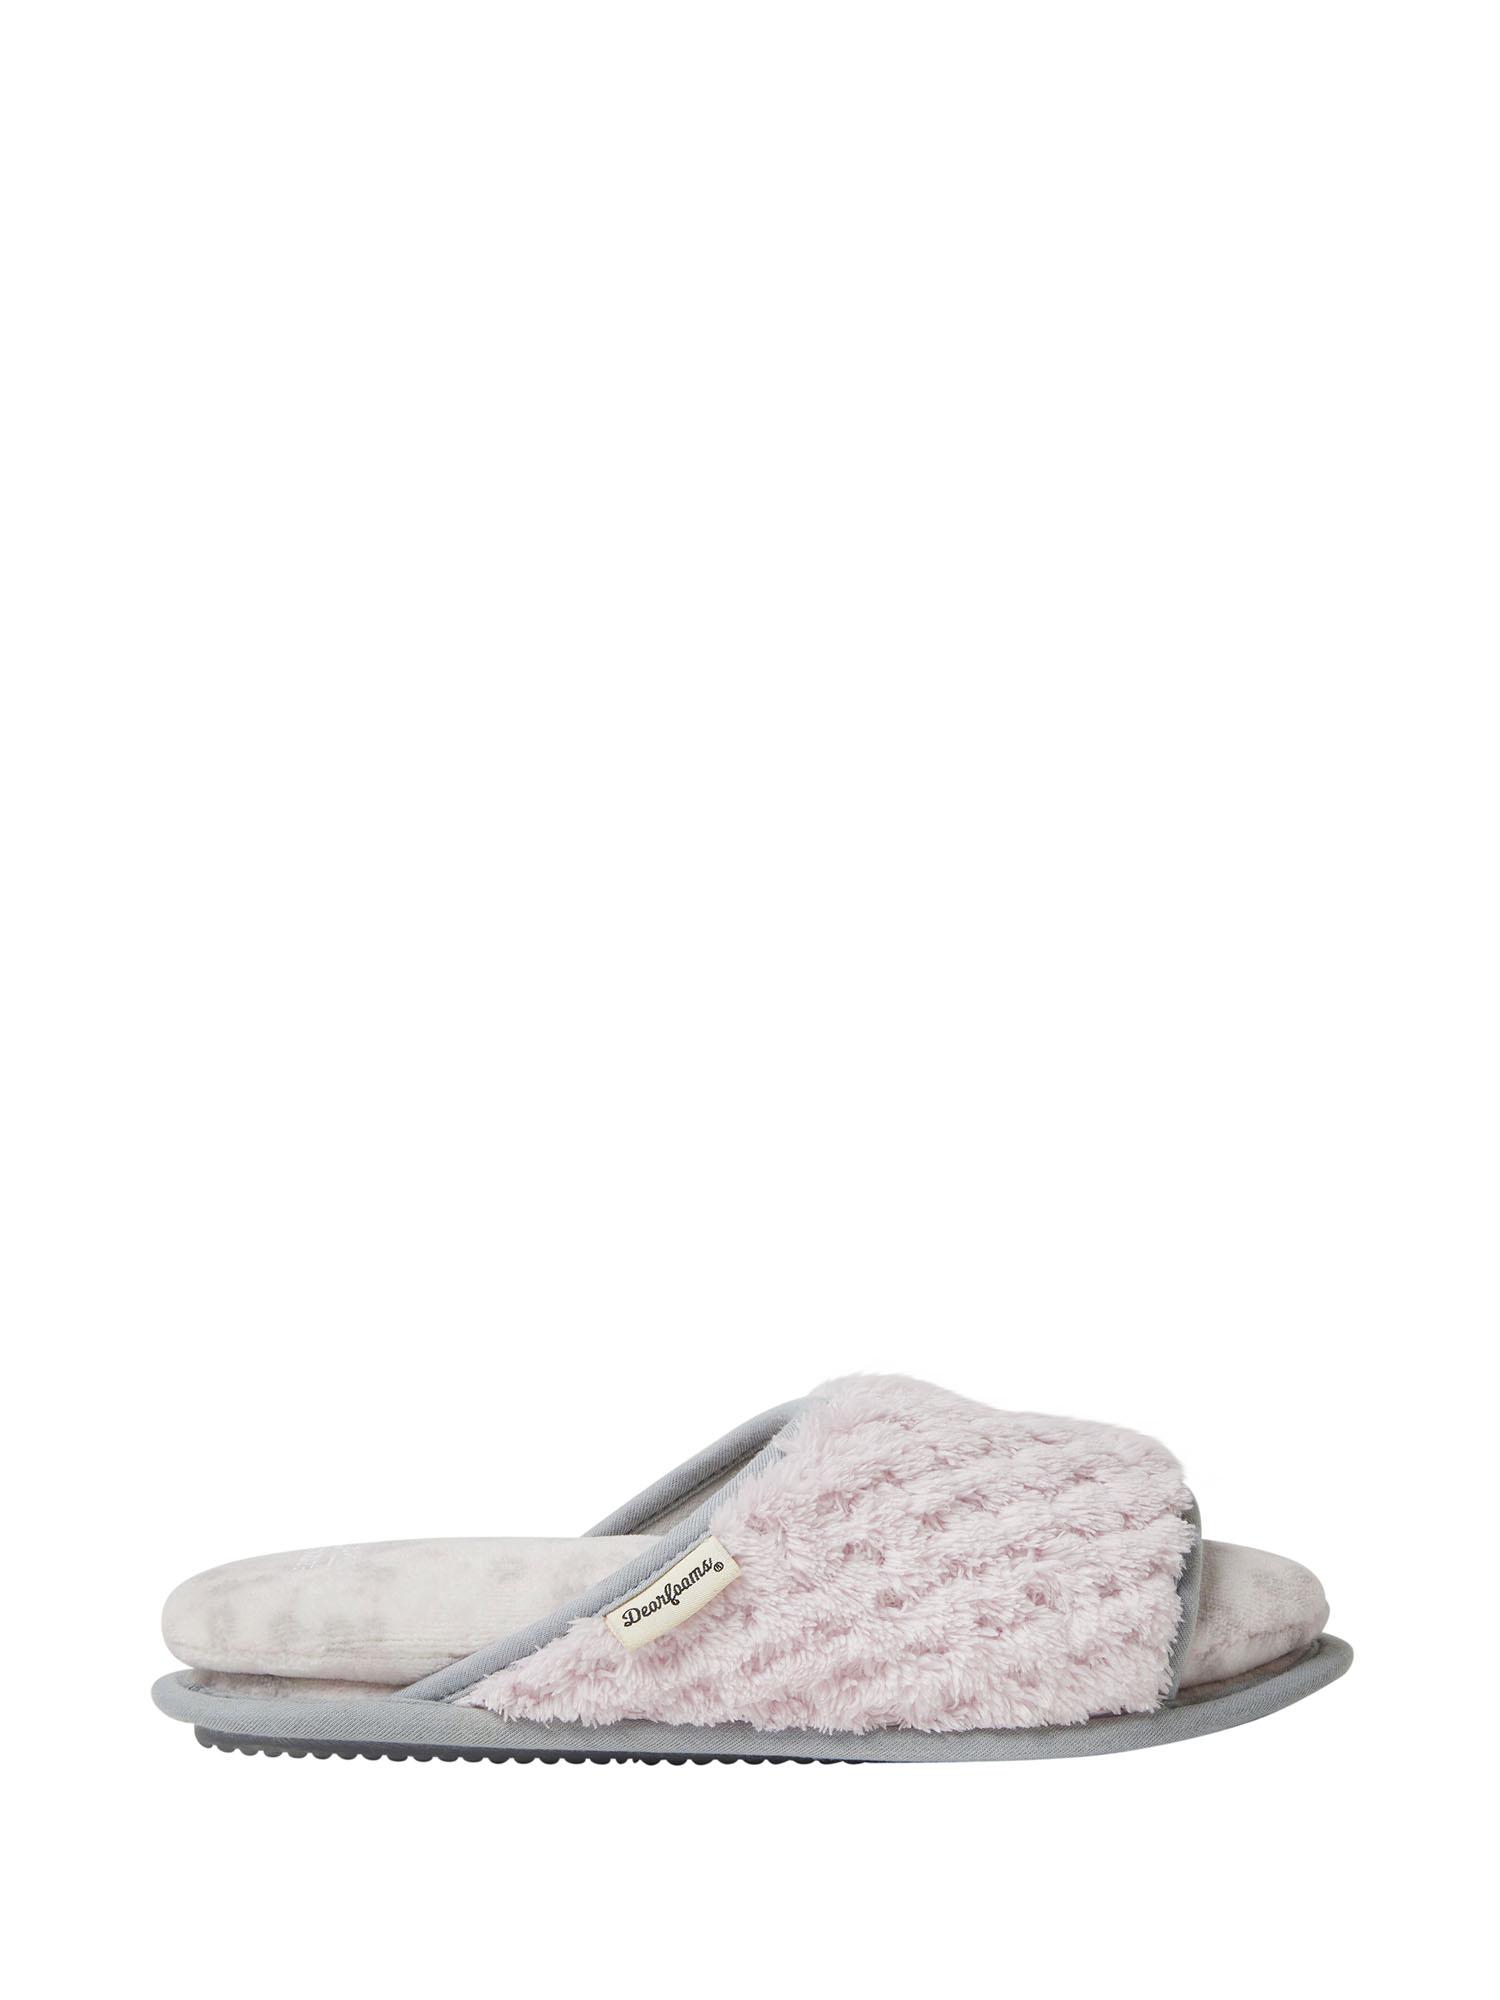 Dearfoams - Cloud Step Slide - Walmart